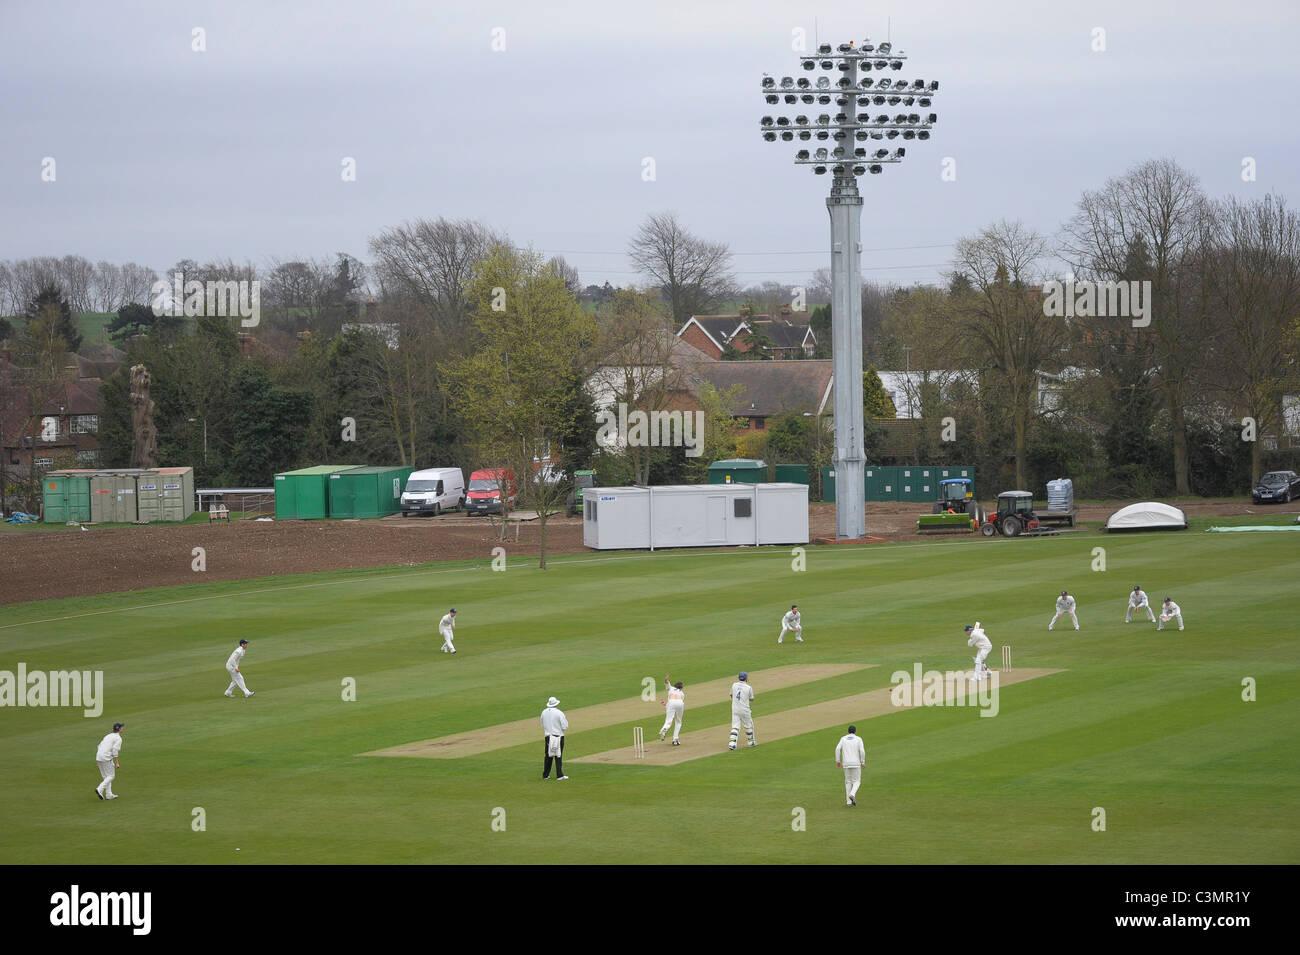 Kent County Cricket Club San Lorenzo del suelo durante la práctica del partido contra Sussex, el 5 de abril Imagen De Stock